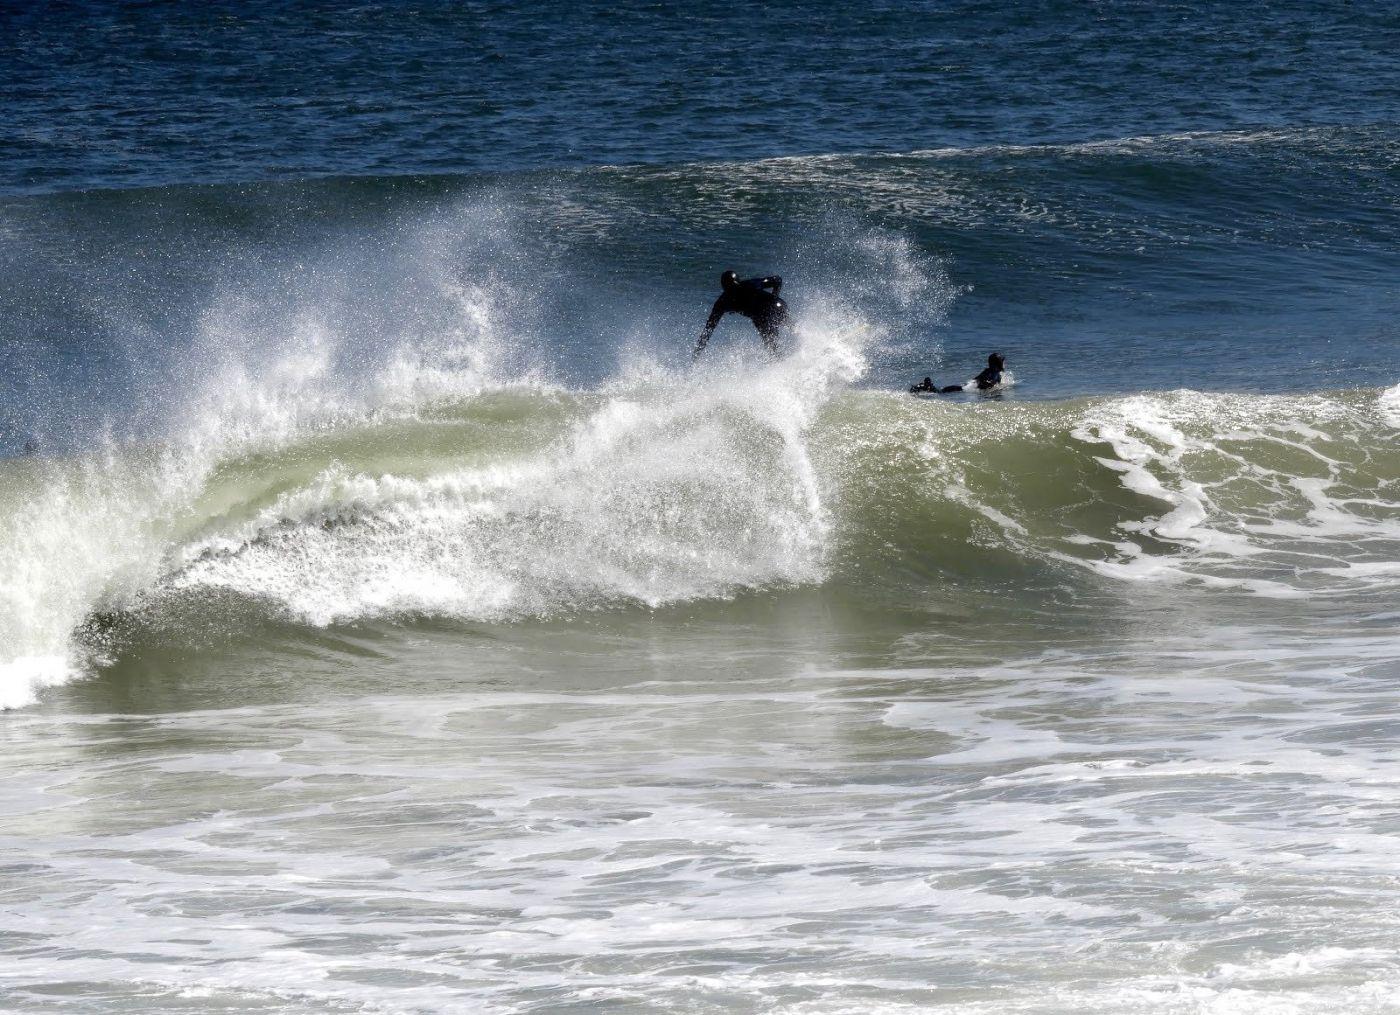 新泽西州冲浪者_图1-7